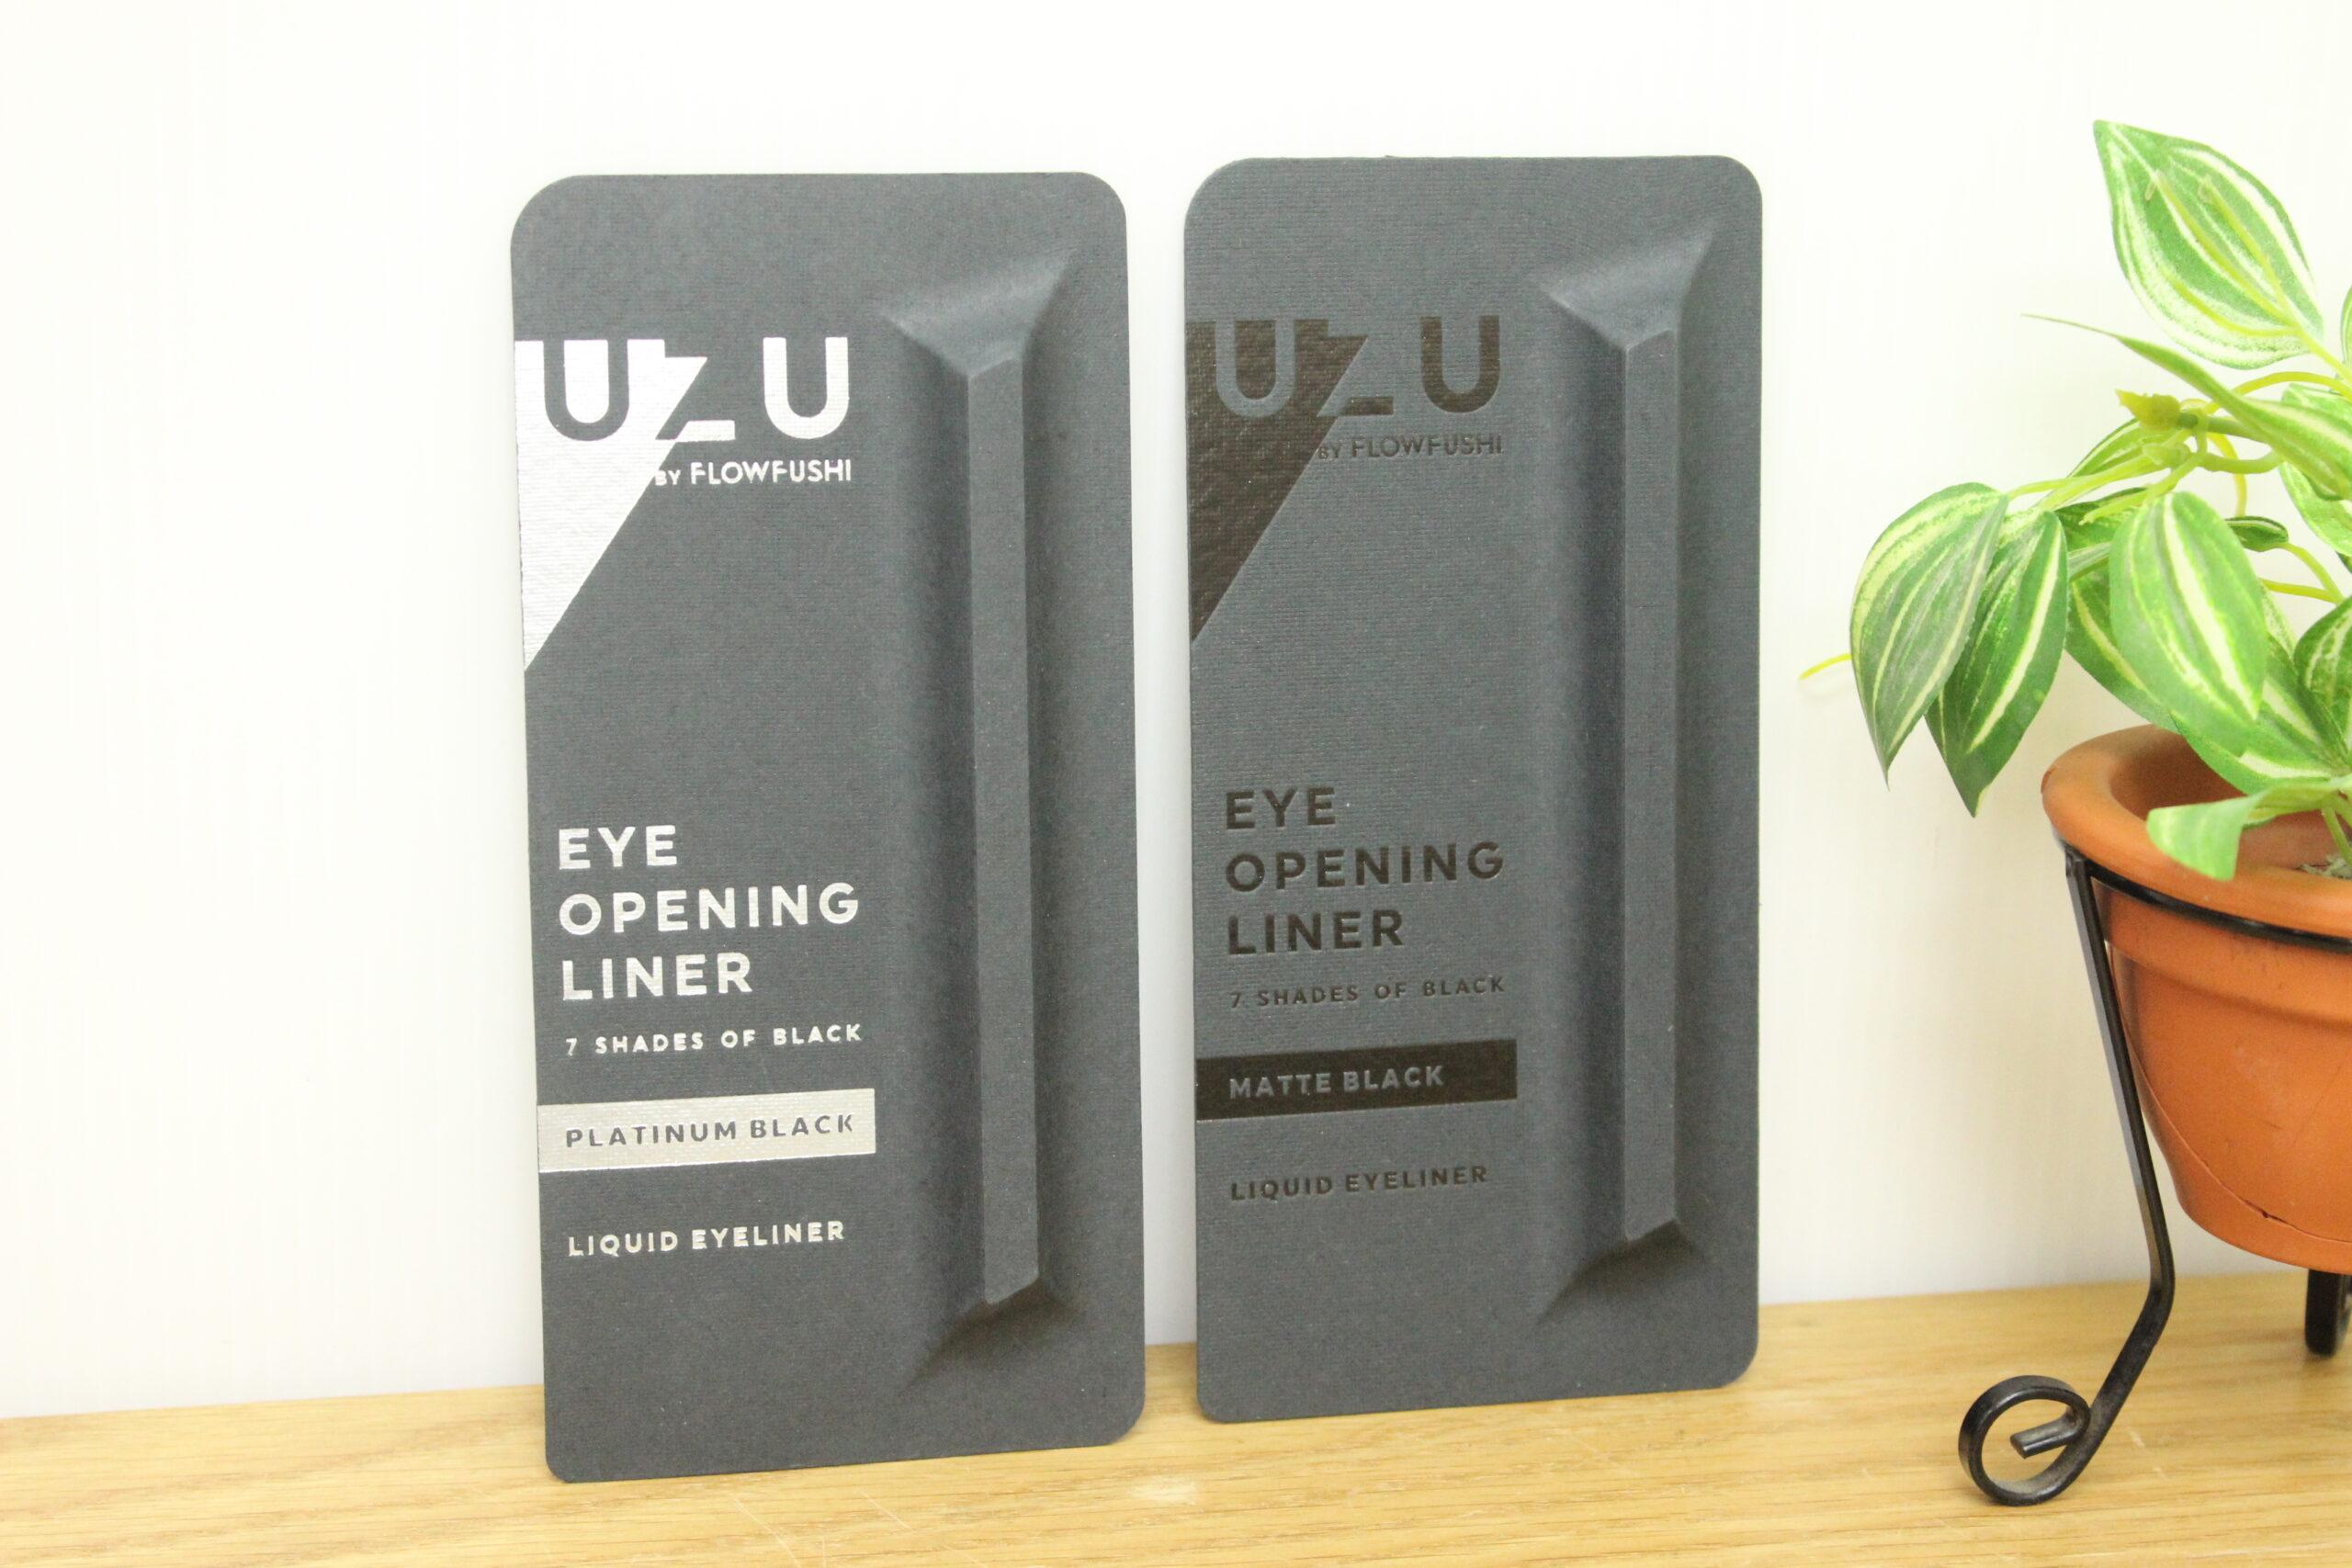 (福岡市博多区)UZU アイオープニングライナー アイライナー コスメ 化粧品 日用品 買取致します☆の買取-